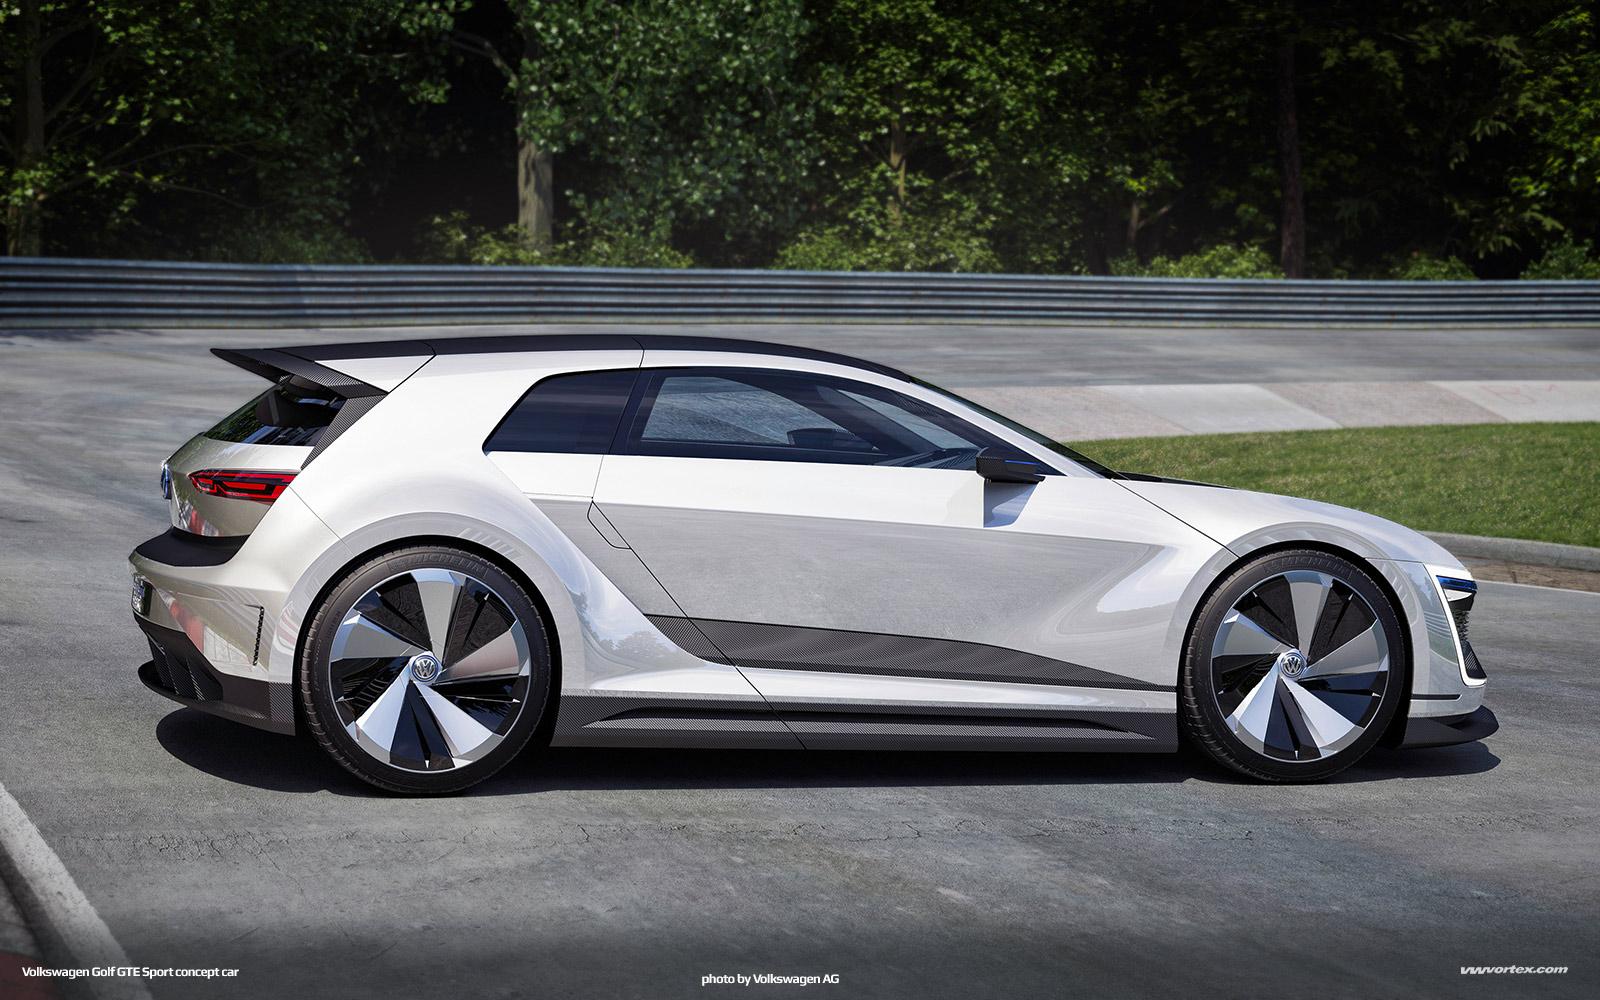 Volkswagen-Golf-GTE-Sport-concept-923